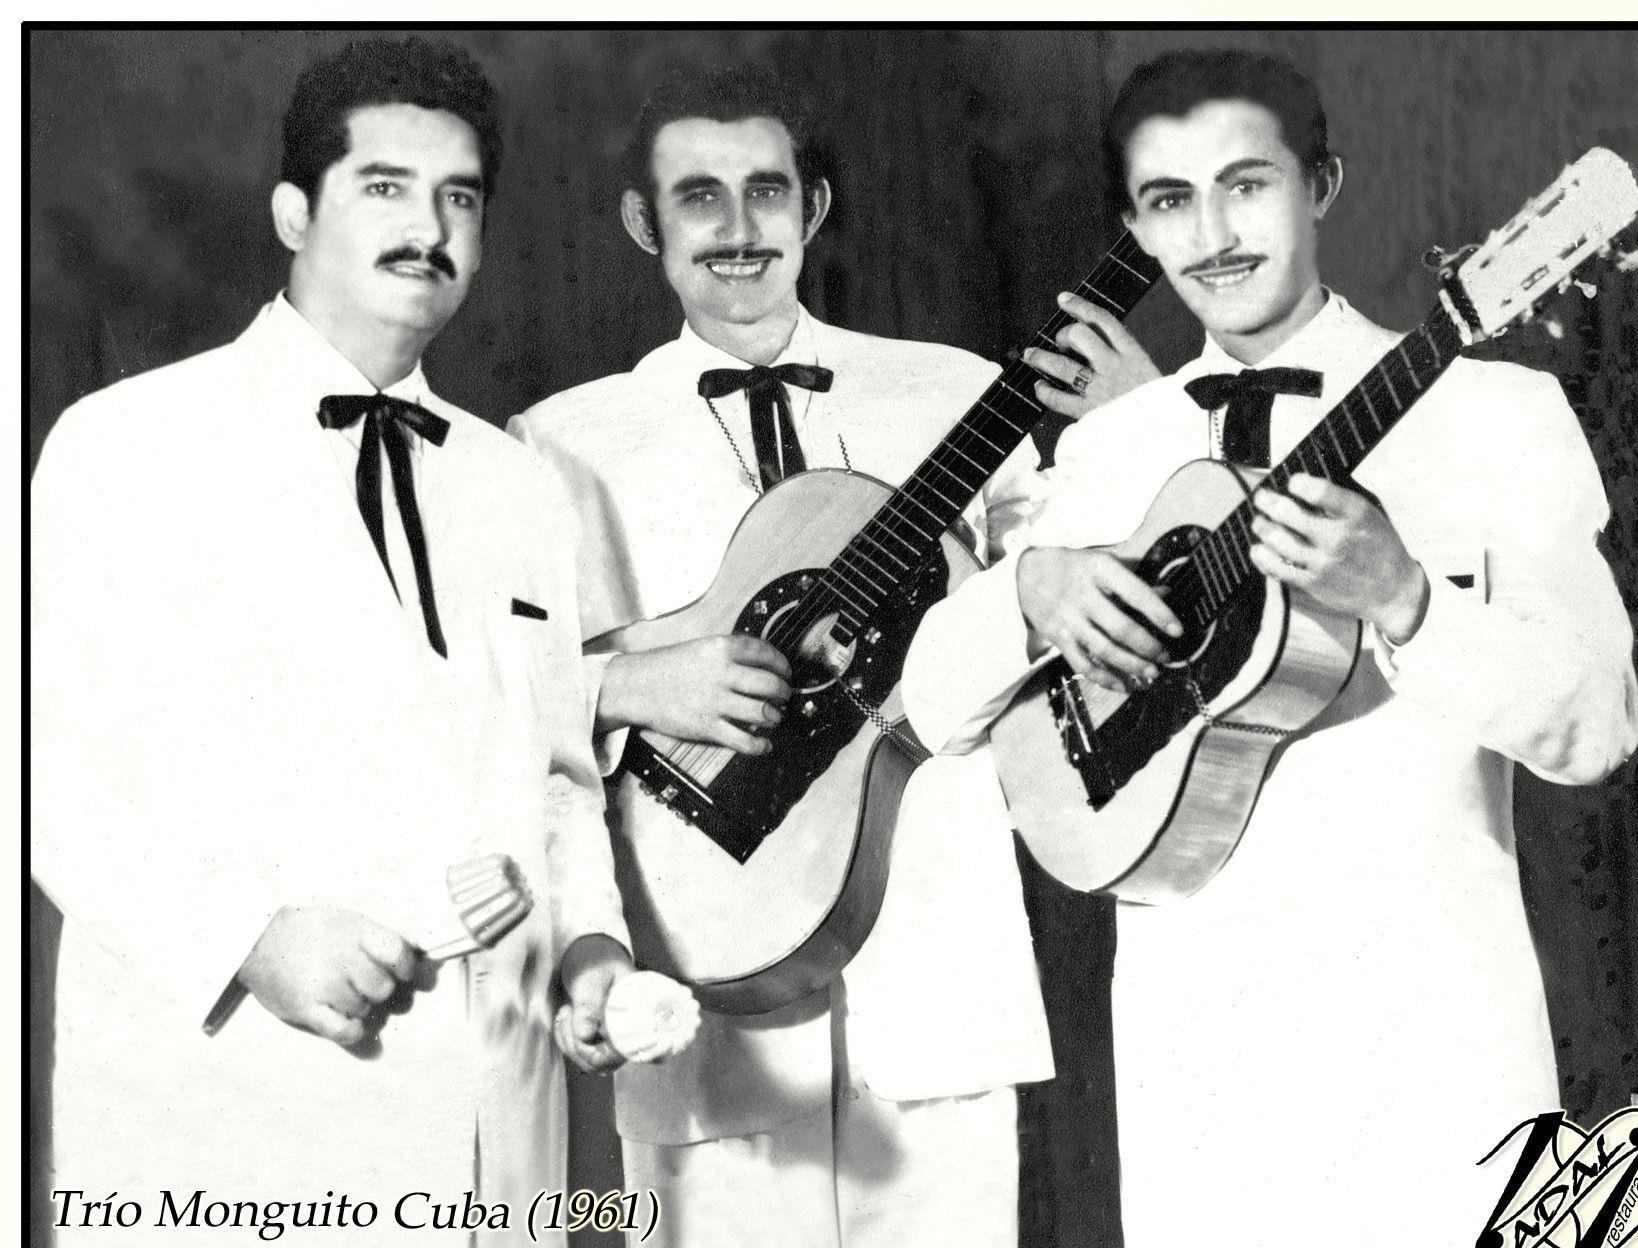 sancti spiritus, musica tradicional espirituana, musica cubana, fomento